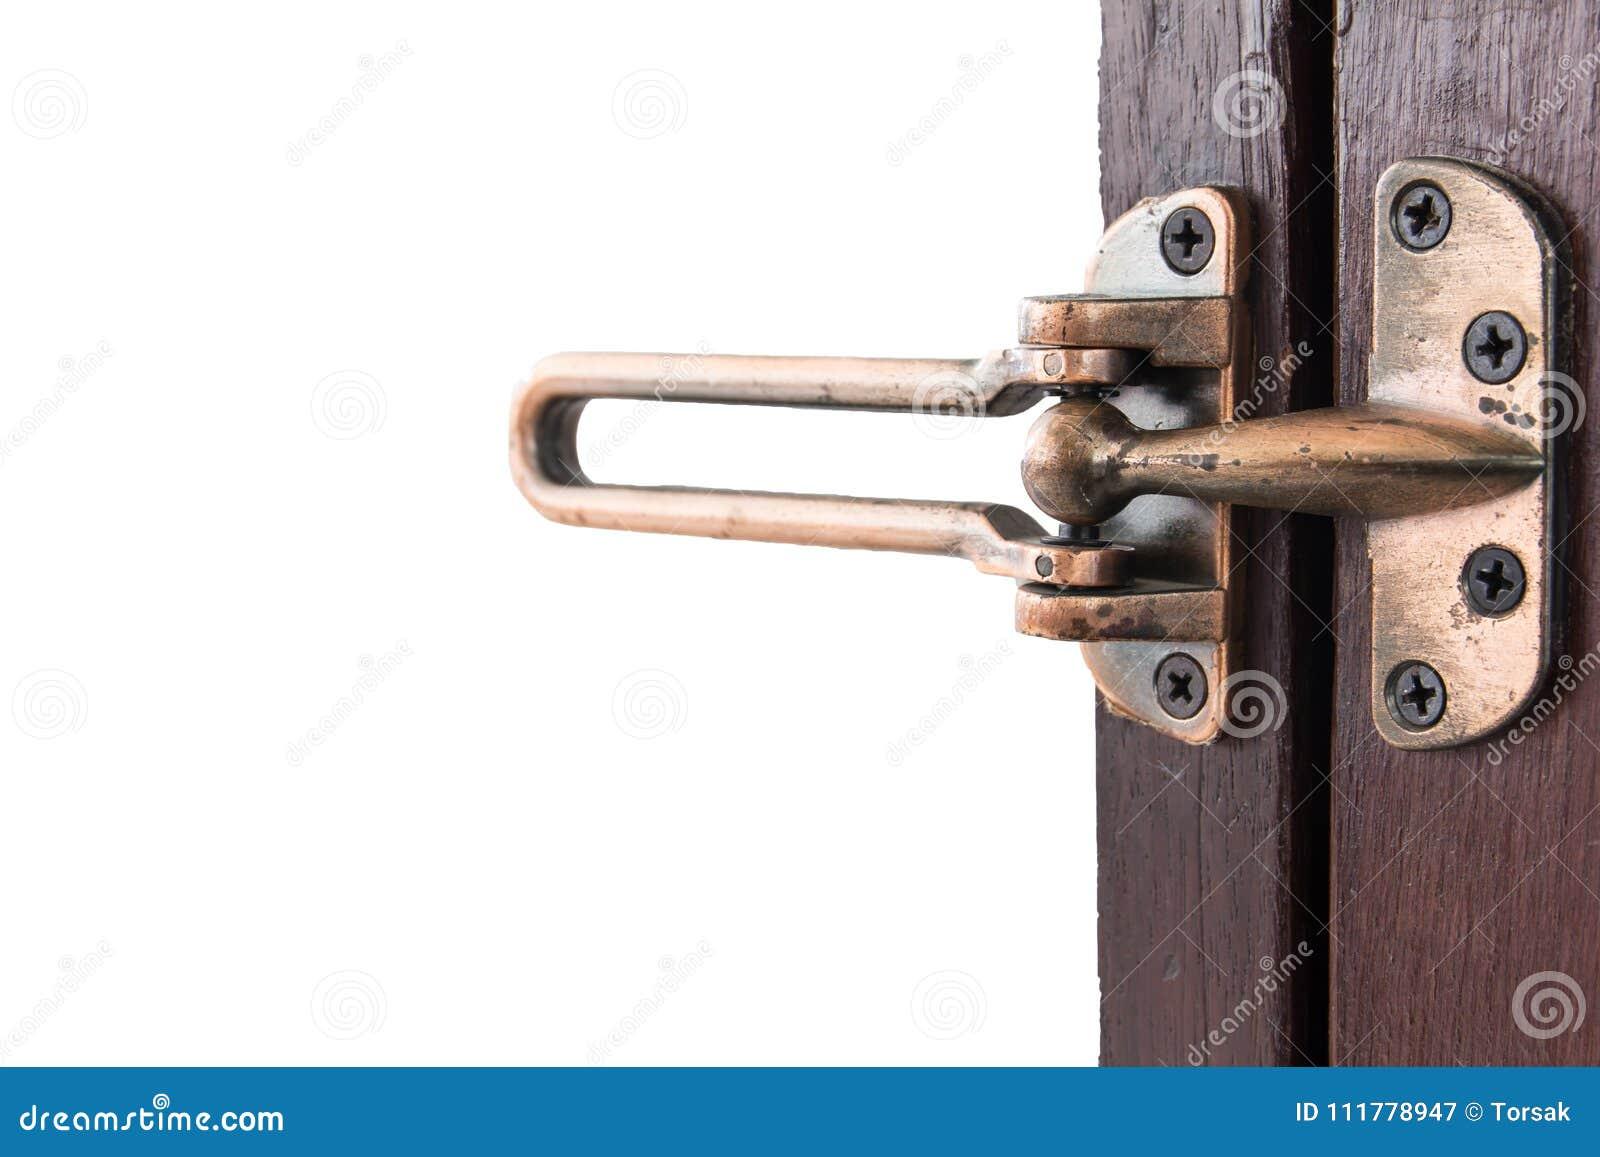 Door handle and security lock